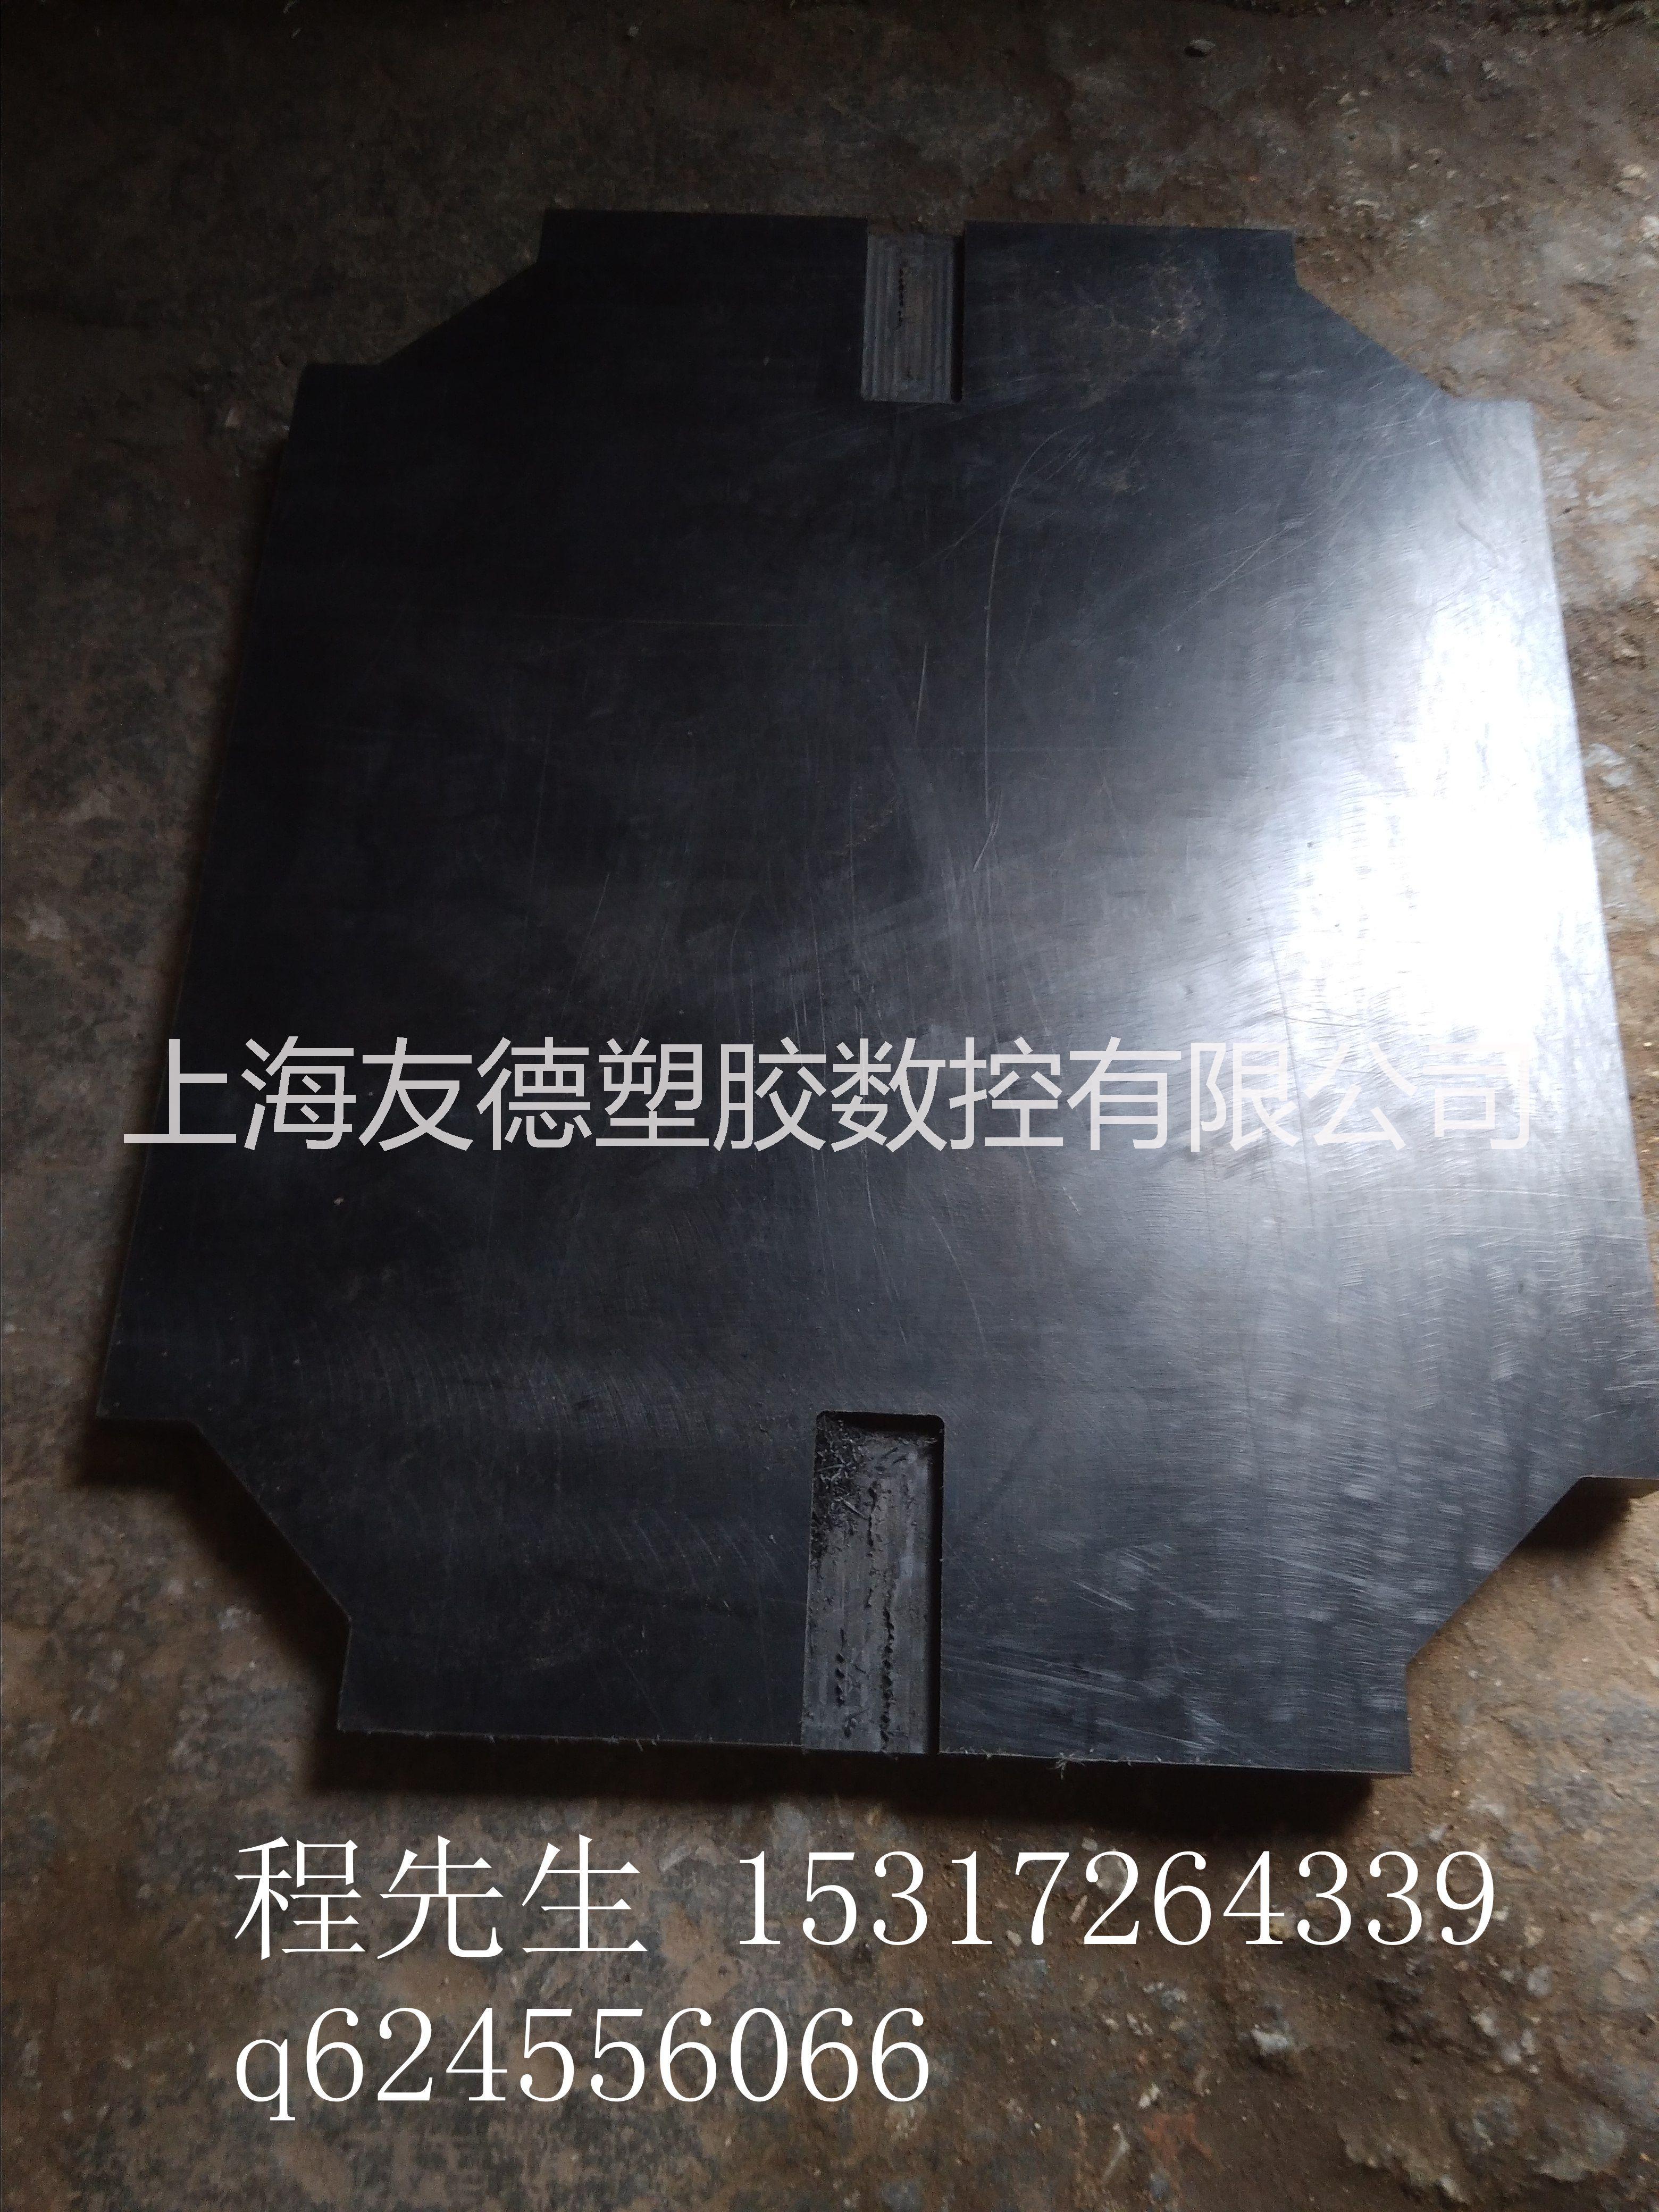 上海尼龙板雕刻定制厂@上海尼龙板报价@上海嘉定尼龙板加工